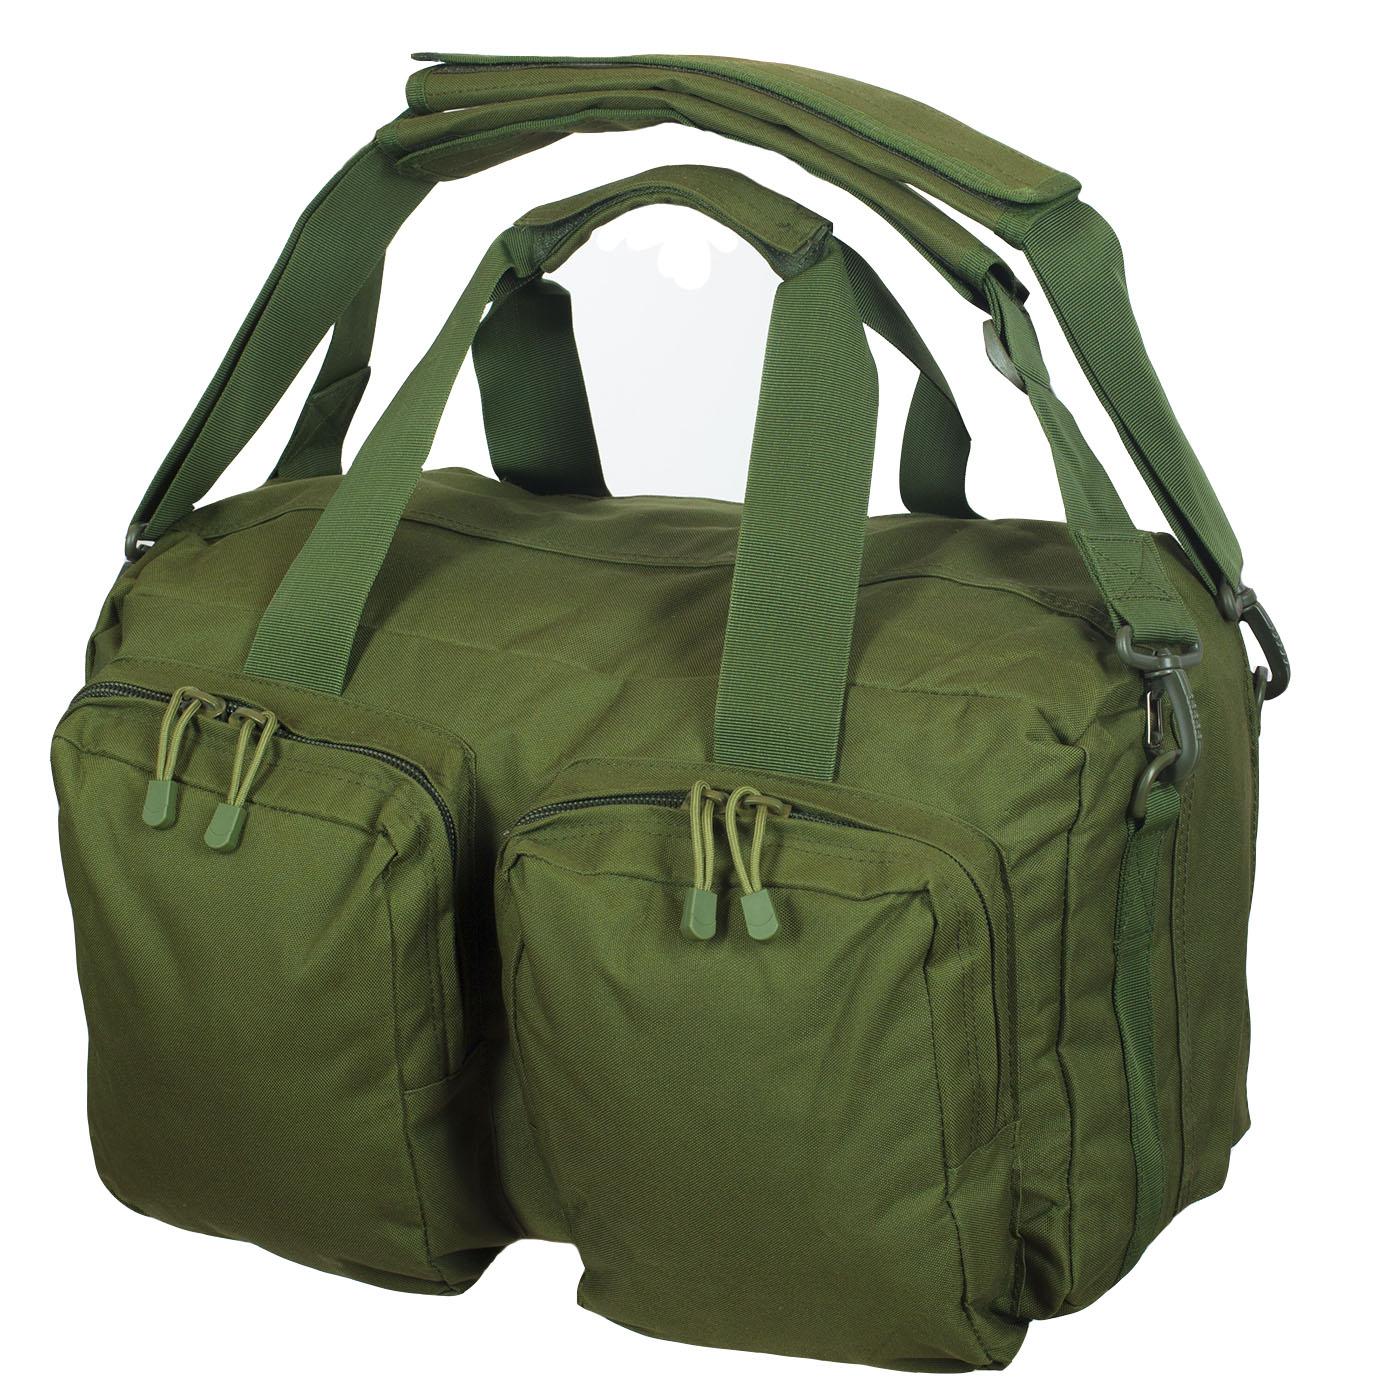 Заказать сумку-рюкзак походный по демократической цене